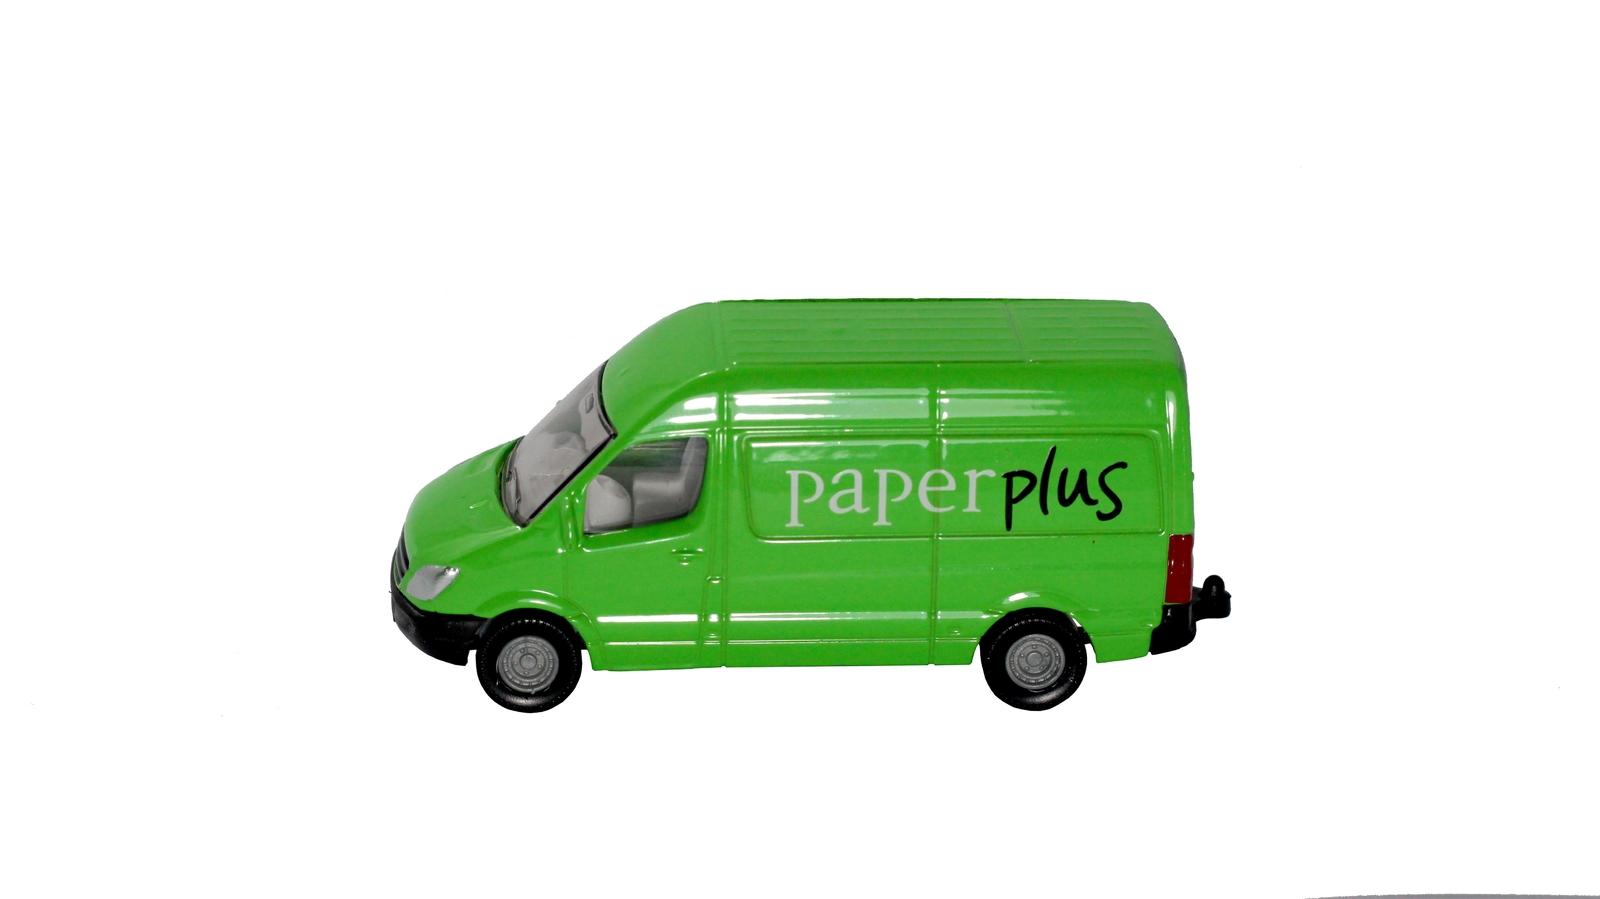 SIKU: Paper Plus Delivery Van image